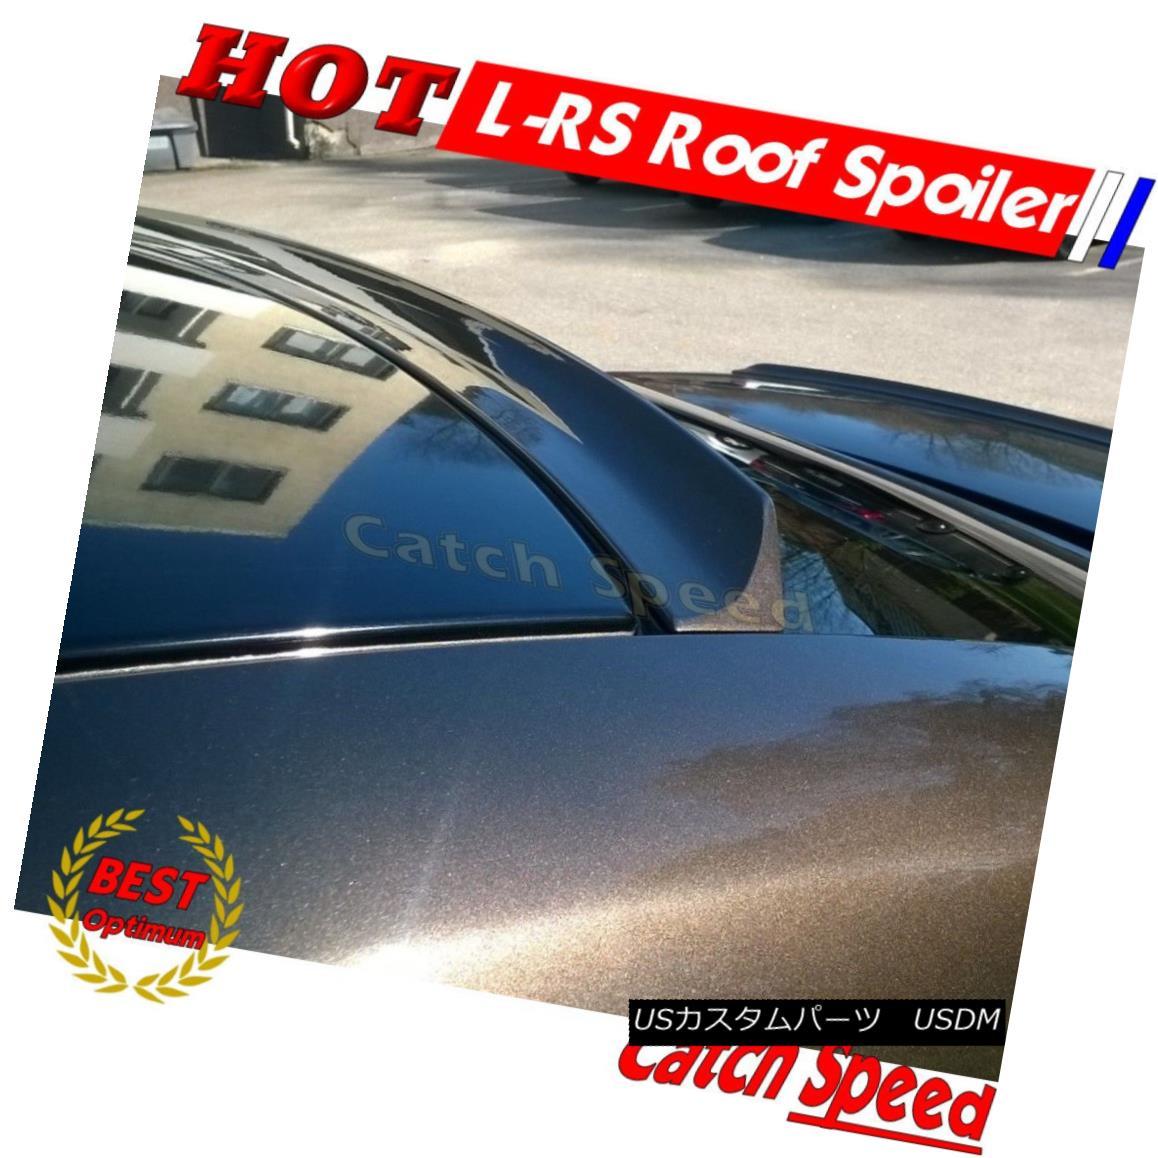 エアロパーツ Flat Black LRS Rear Roof Spoiler Wing For Lexus IS250 220 350 2006-13 Sedan ? フラットブラックLRSリアルーフスポイラーウィングレクサスIS250 220 350 2006-13セダン?